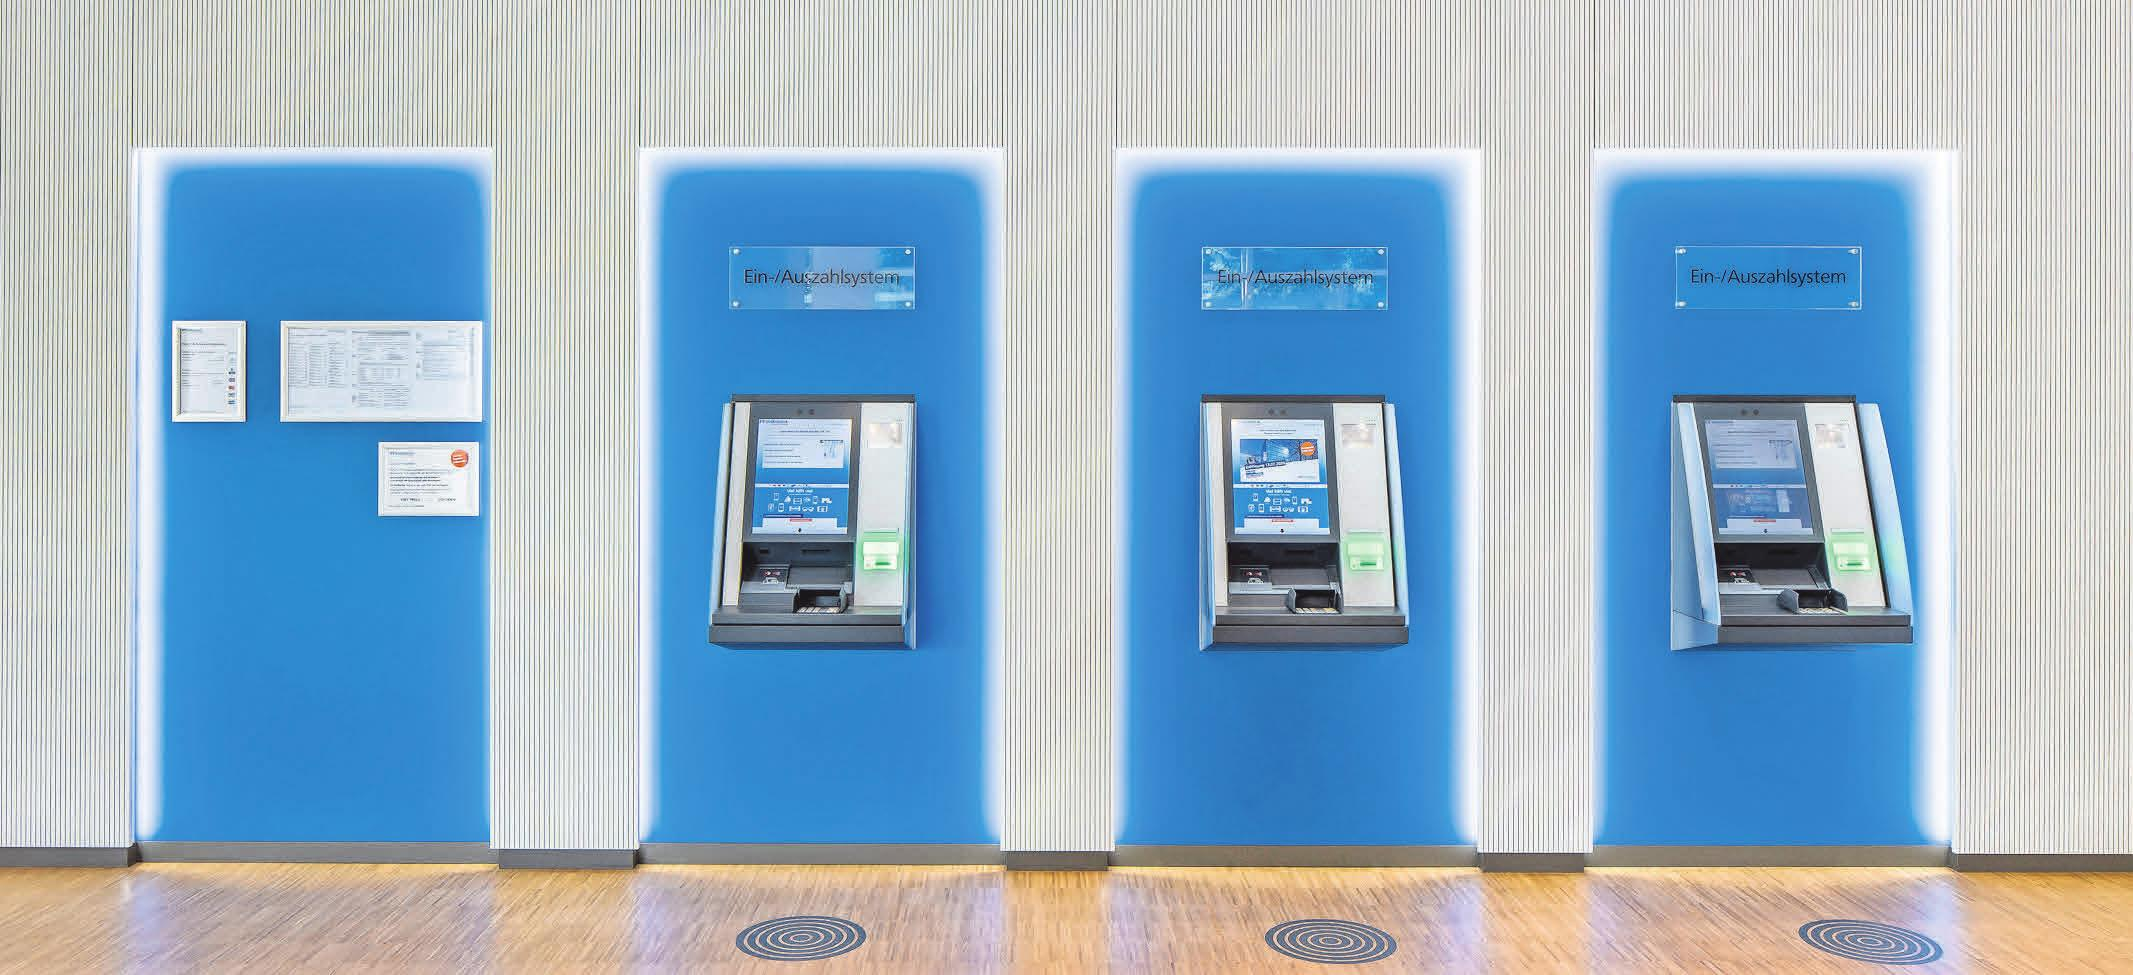 Klares Design, einladende Gestaltung: SB-Automaten in der umgebauten Hauptstelle.